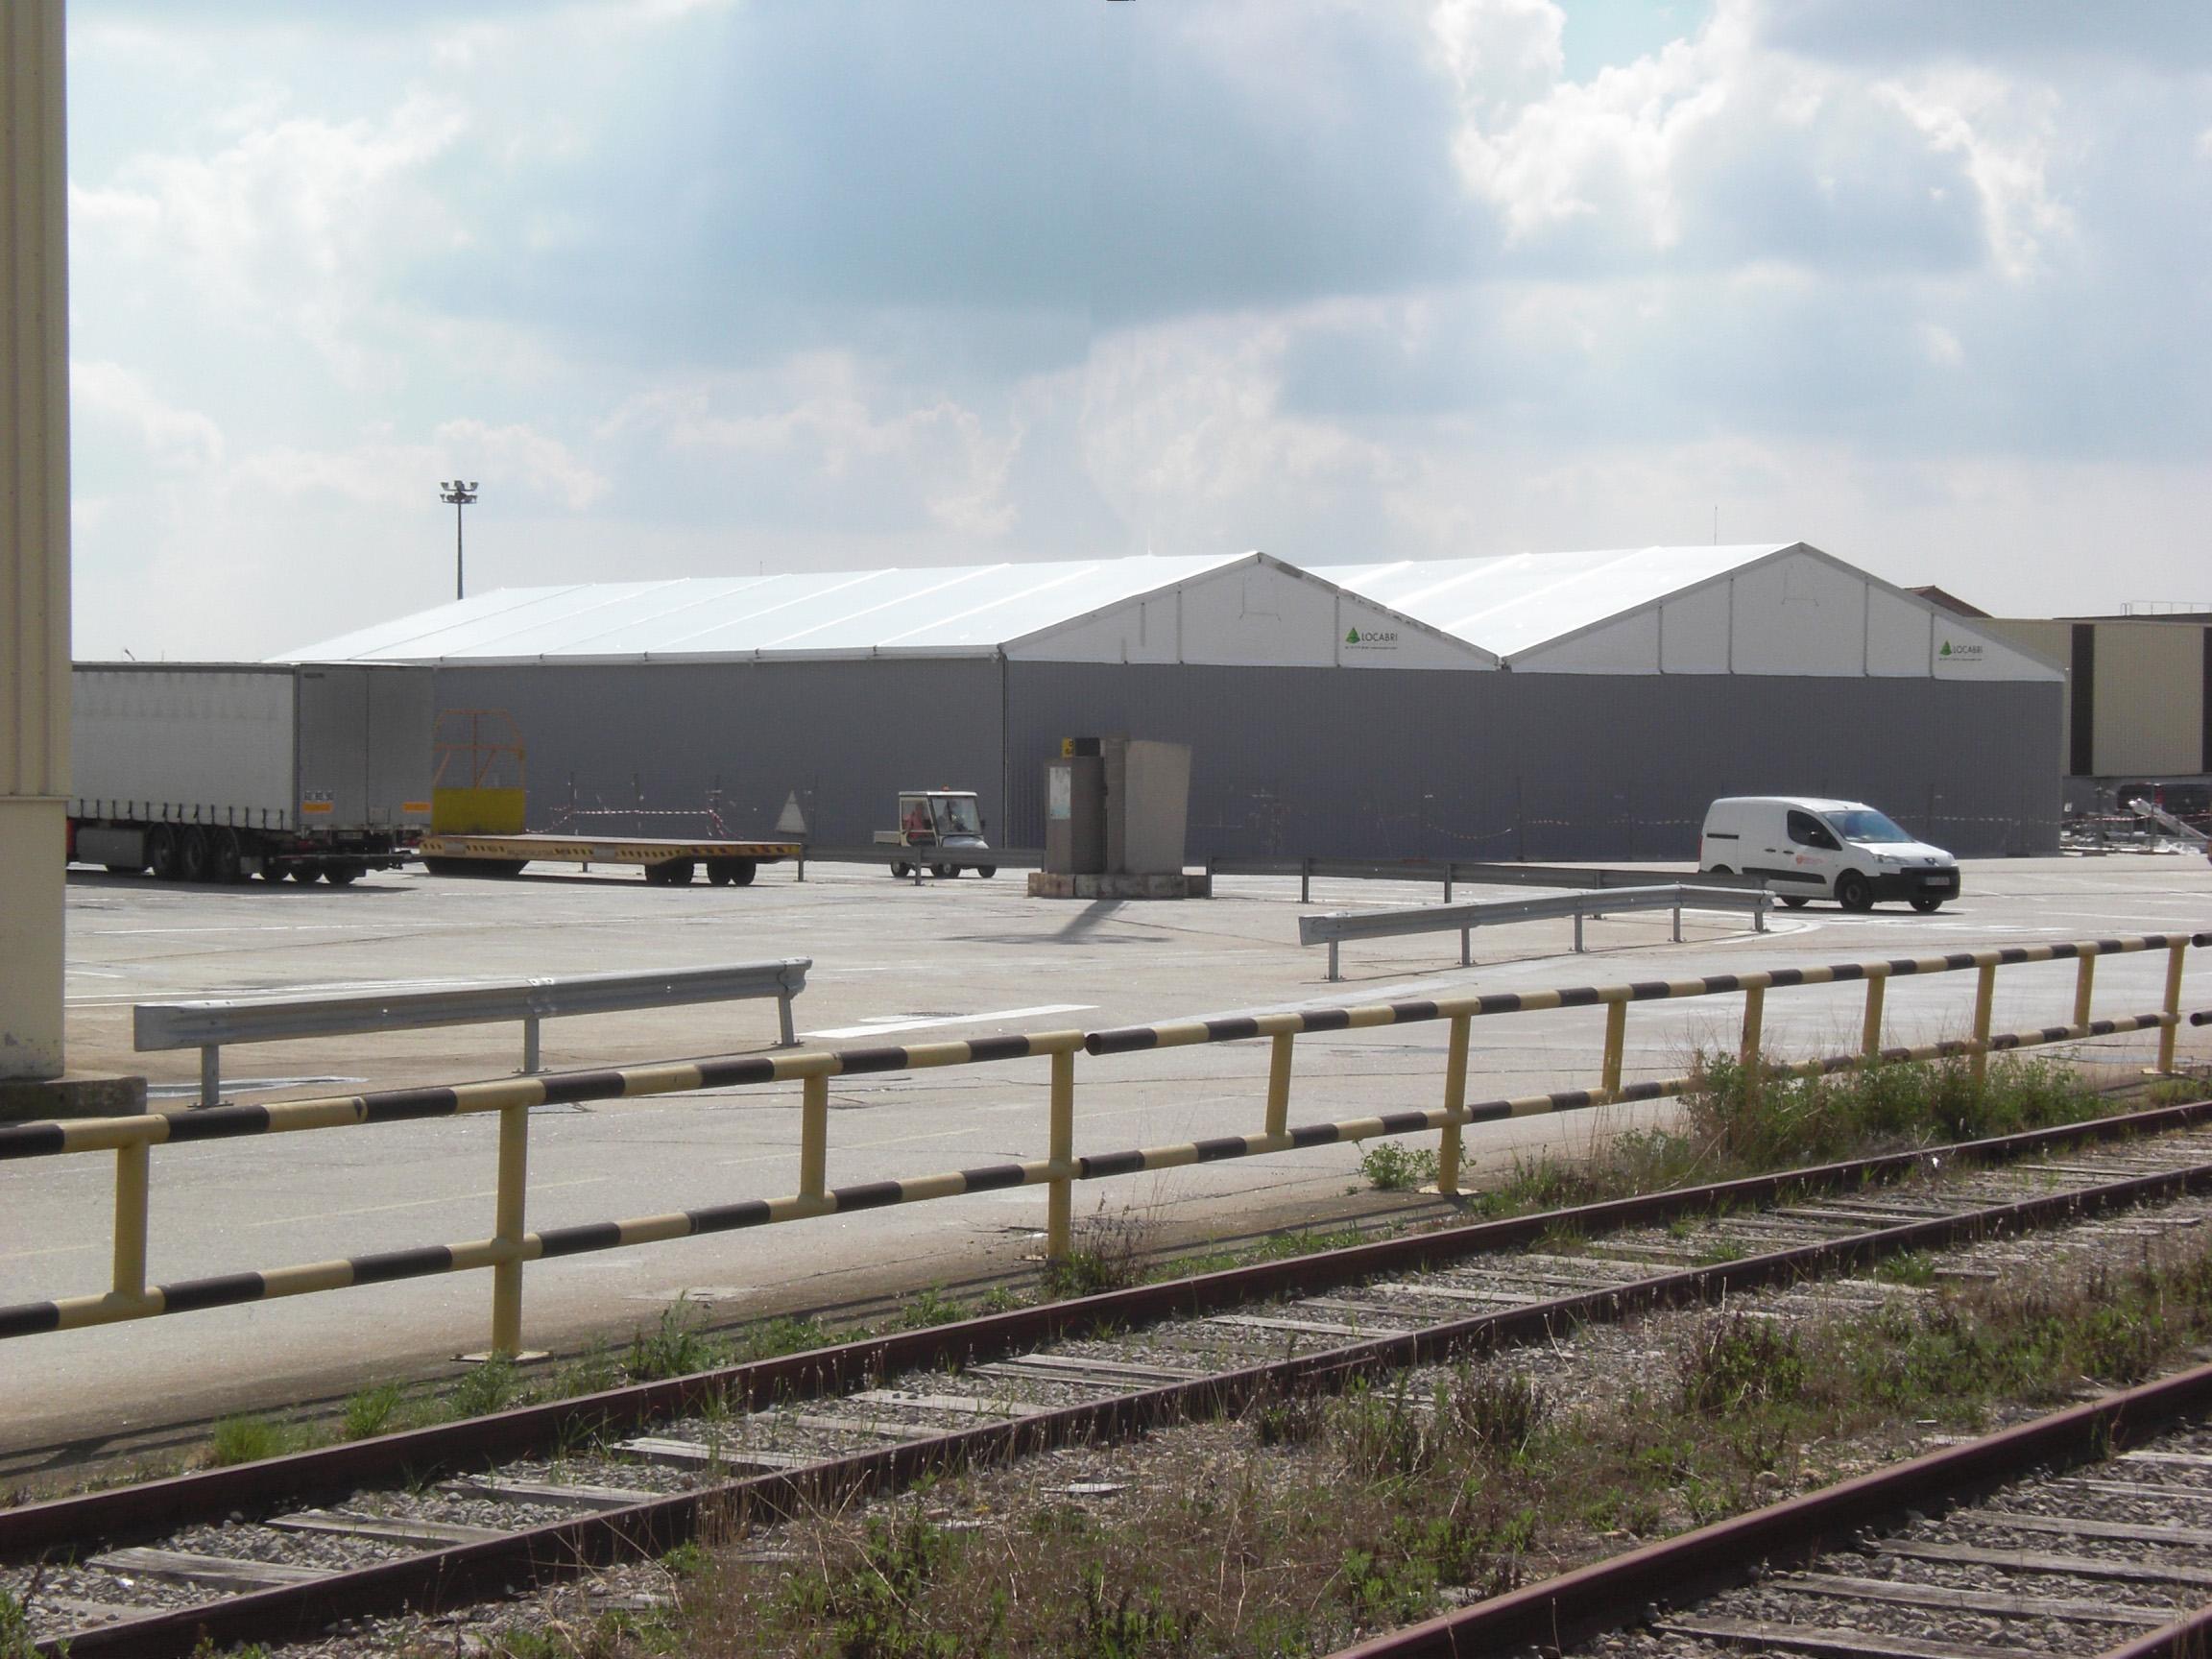 La gamme d'entrepôt modulaire et démontable polyvalente et qui répond à toutes vos exigences.